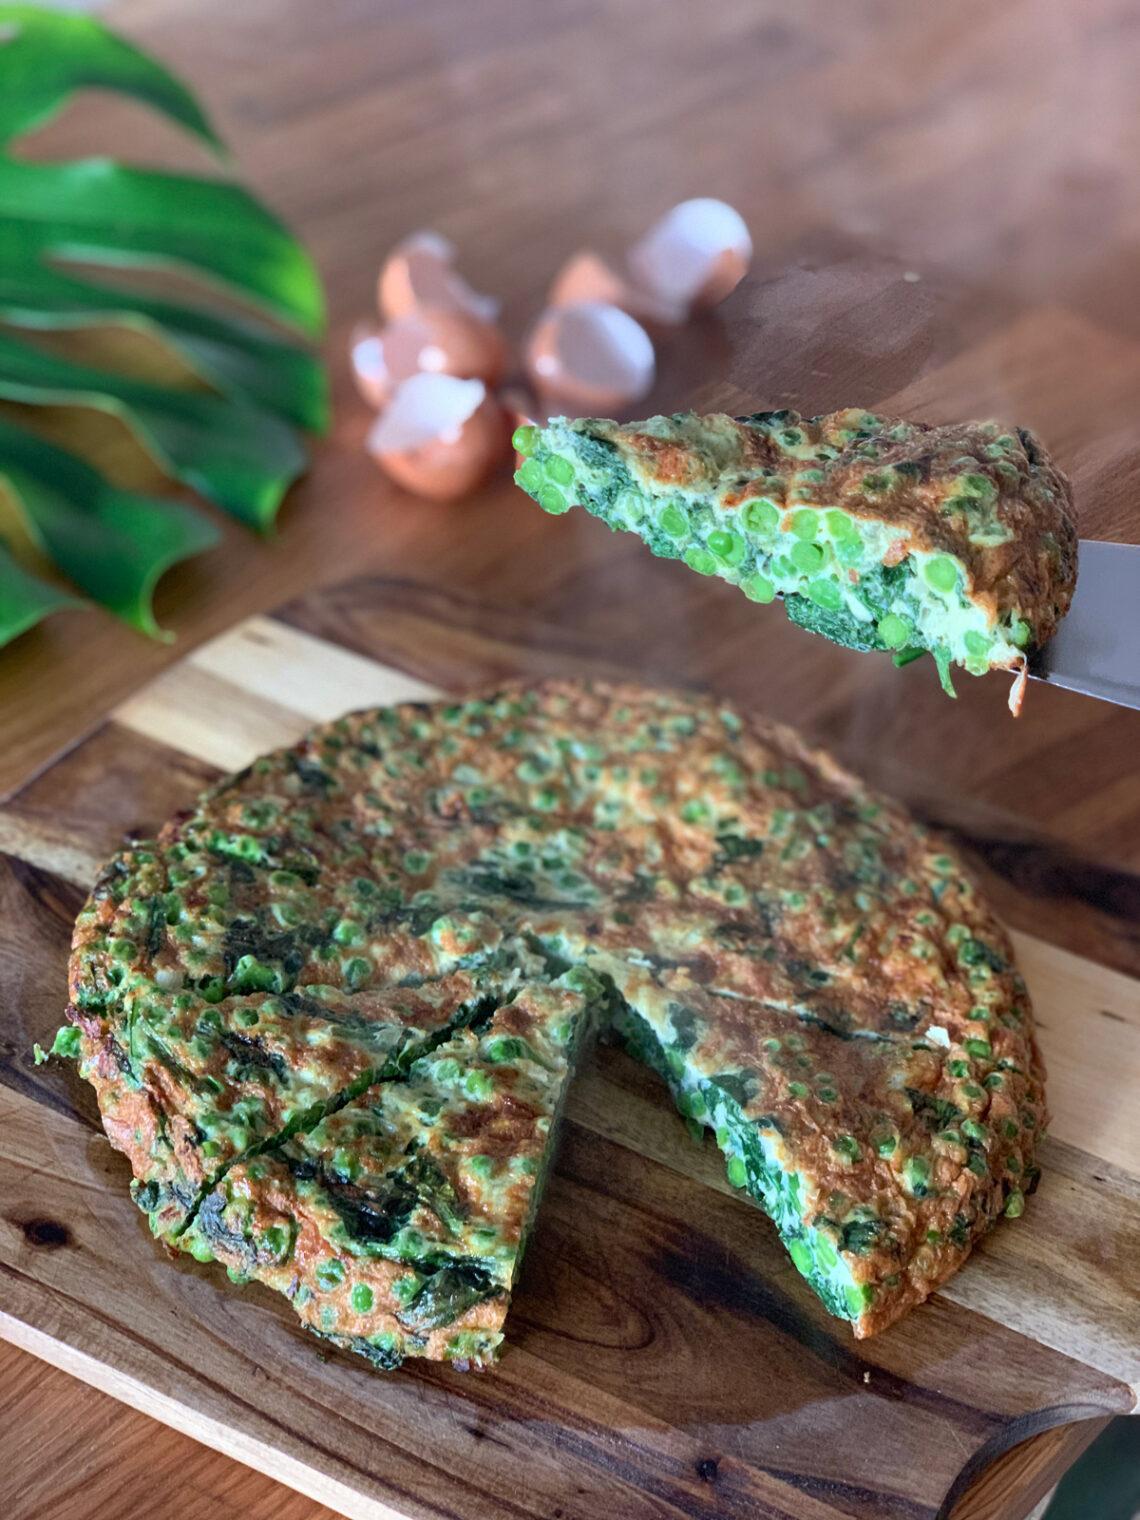 Зеленая тортилья - доступная испанская экзотика. Самые вкусные блюда в кулинарном блоге Марии Каленской.